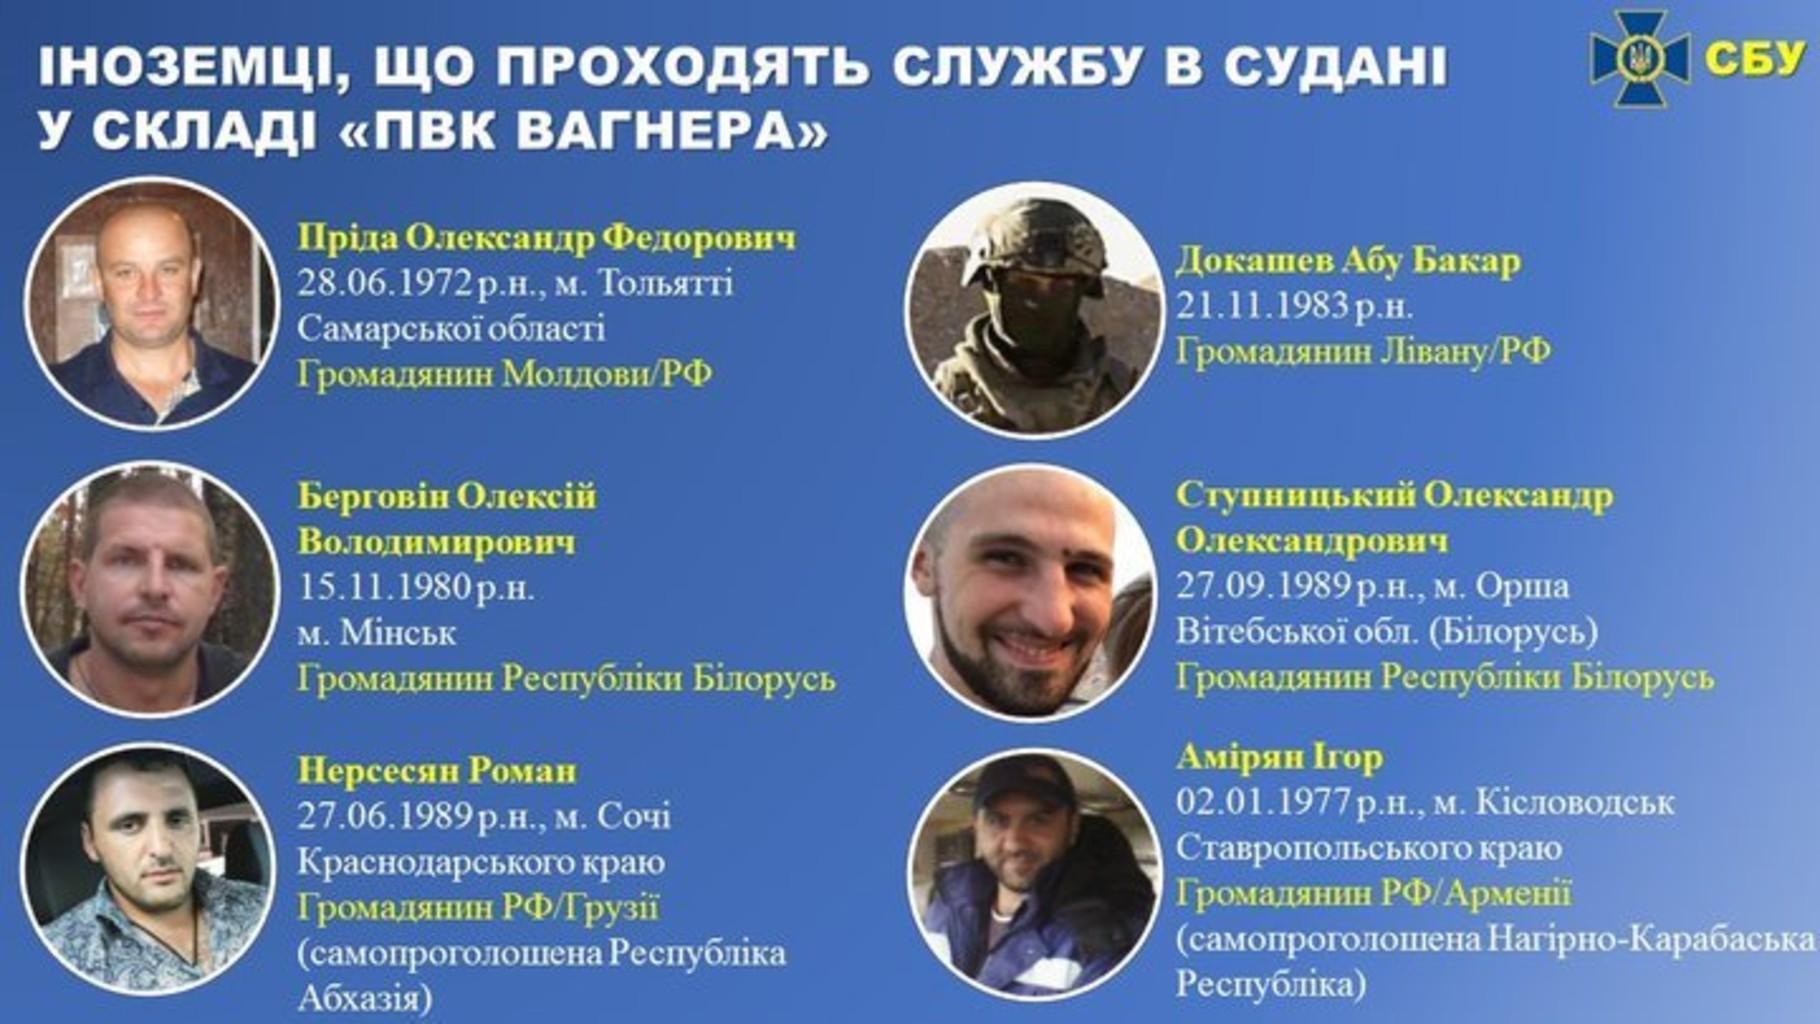 Belorusy sbu sudan